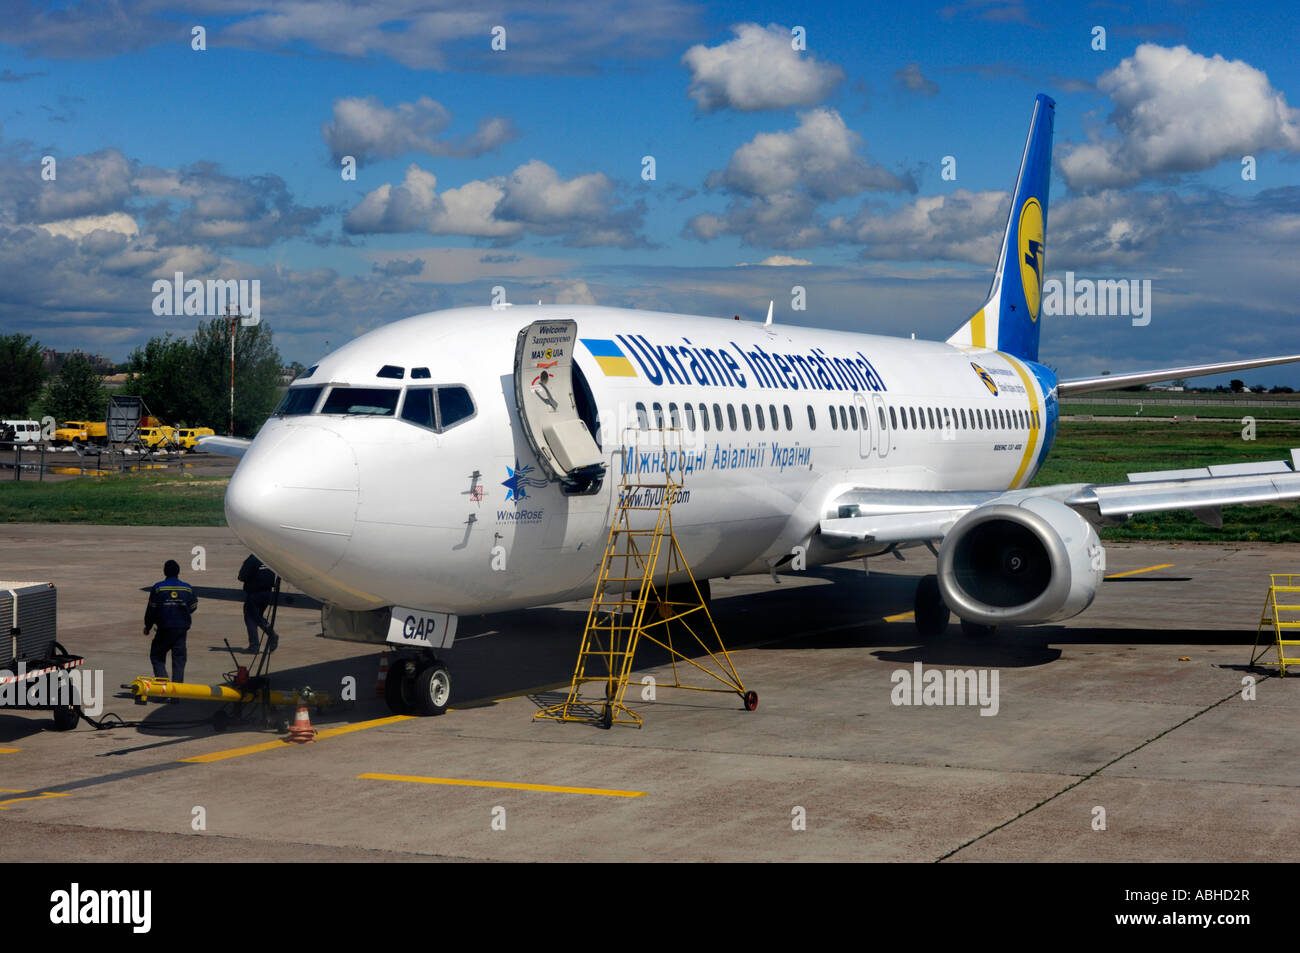 Aeroporto Kiev : Ukraine international airplane in kiev borispol airport plane